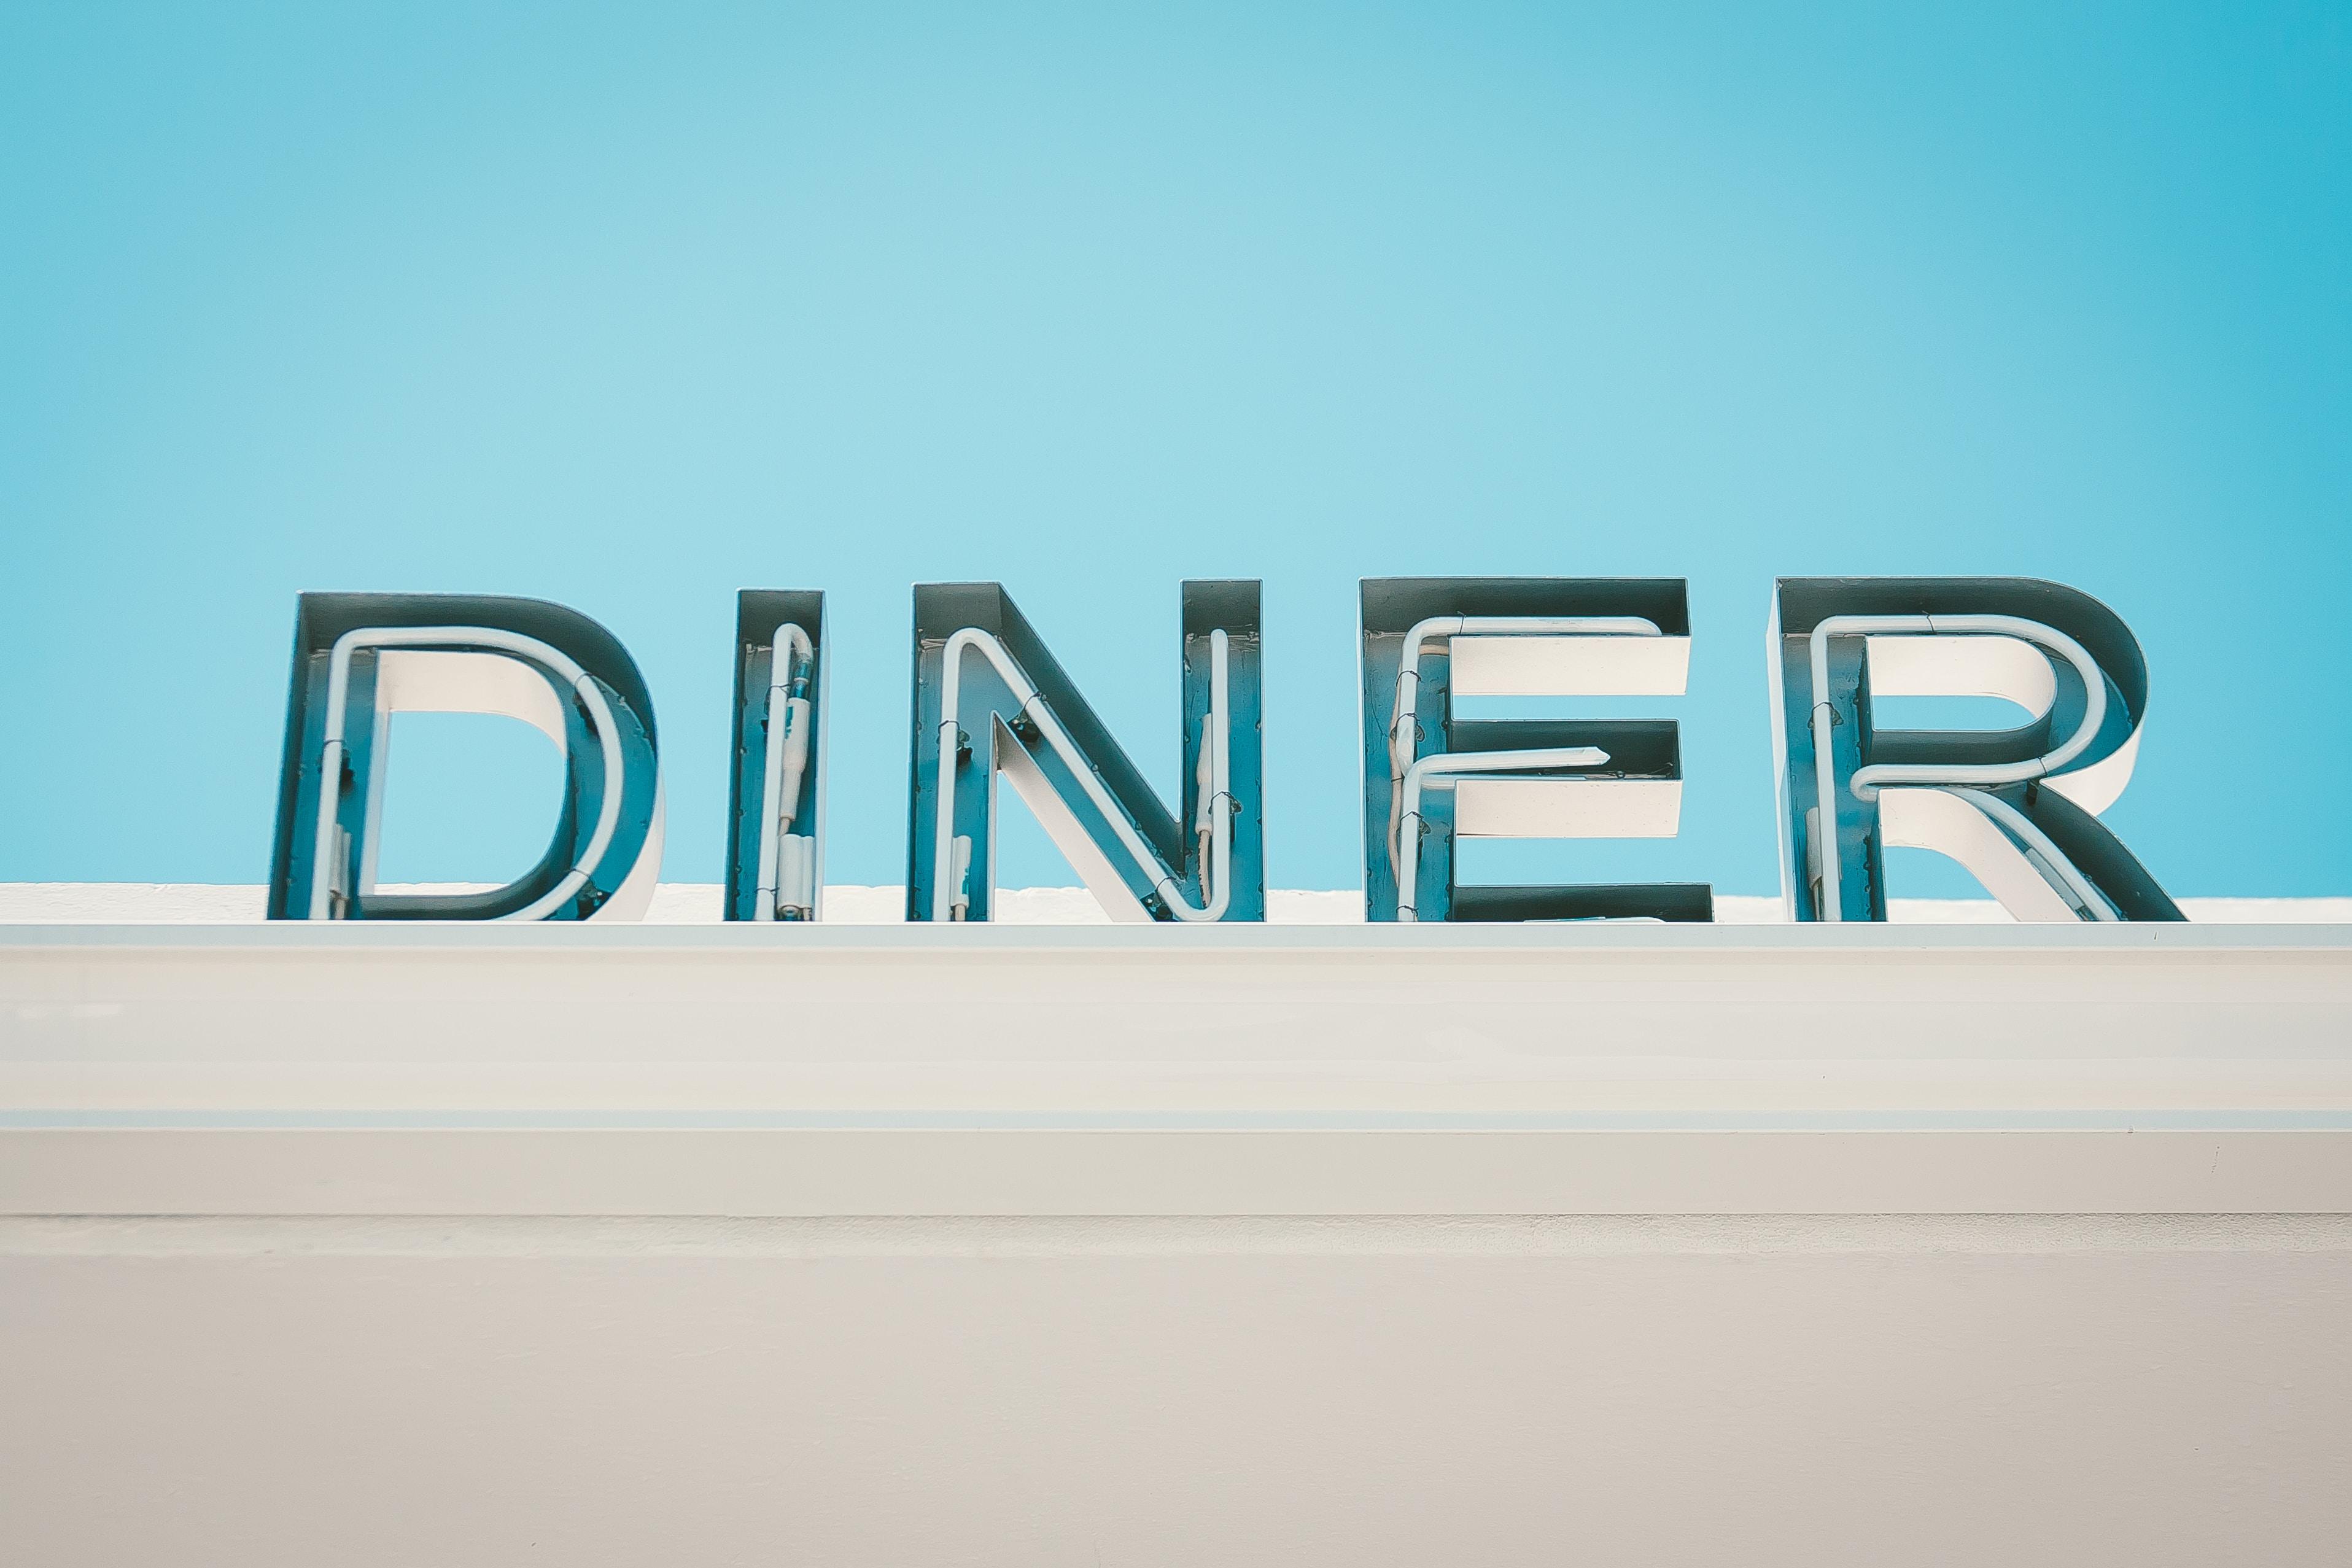 Diner signage